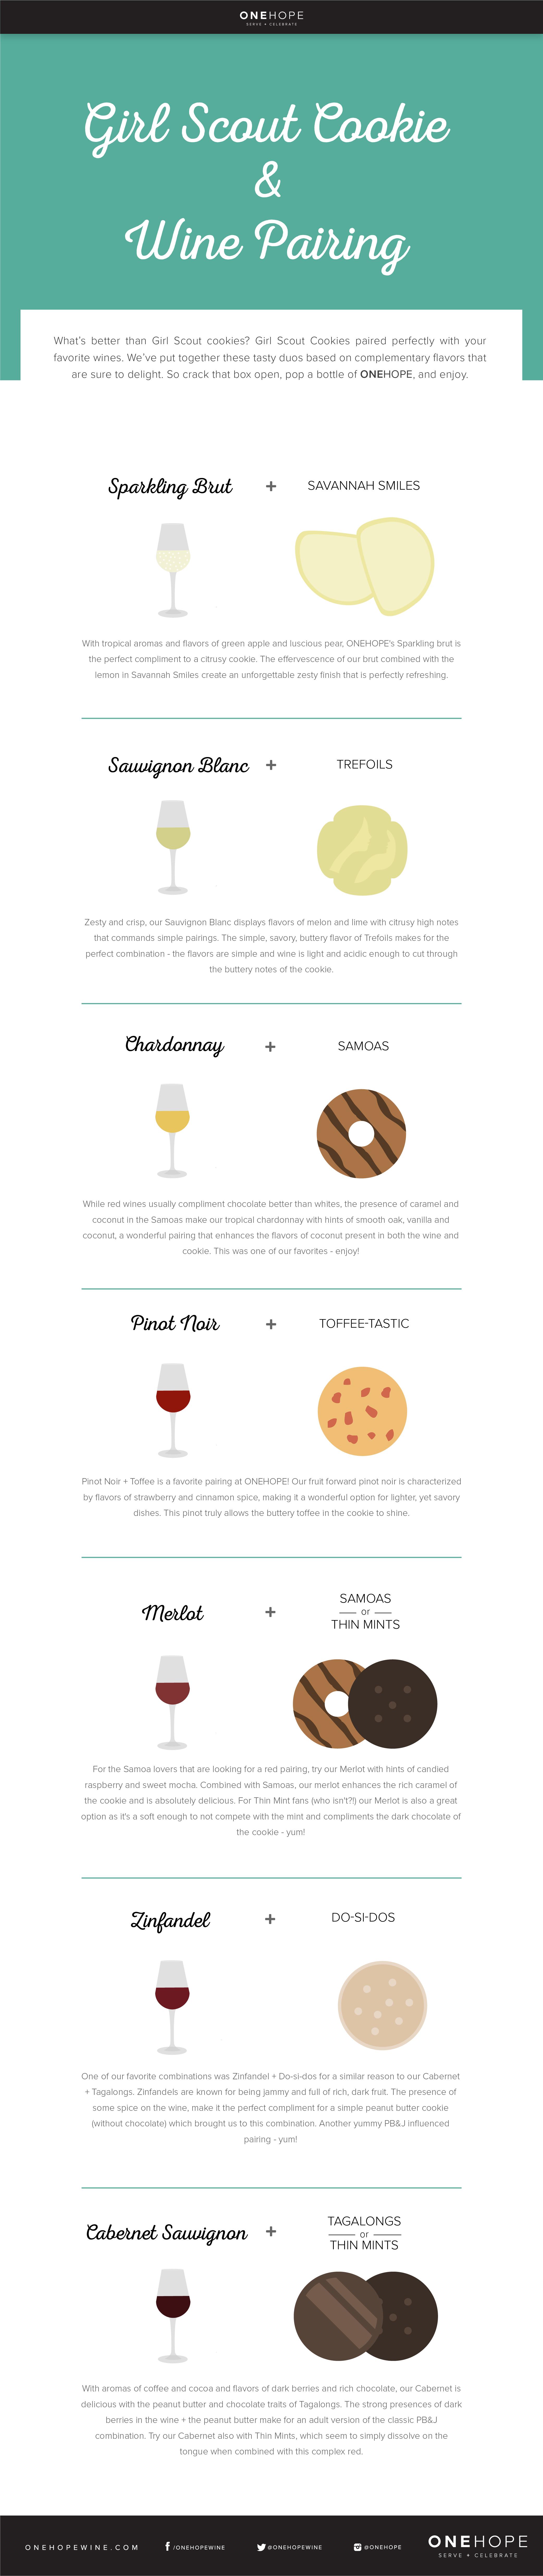 Girl Scout Cookies & Wine Pairings